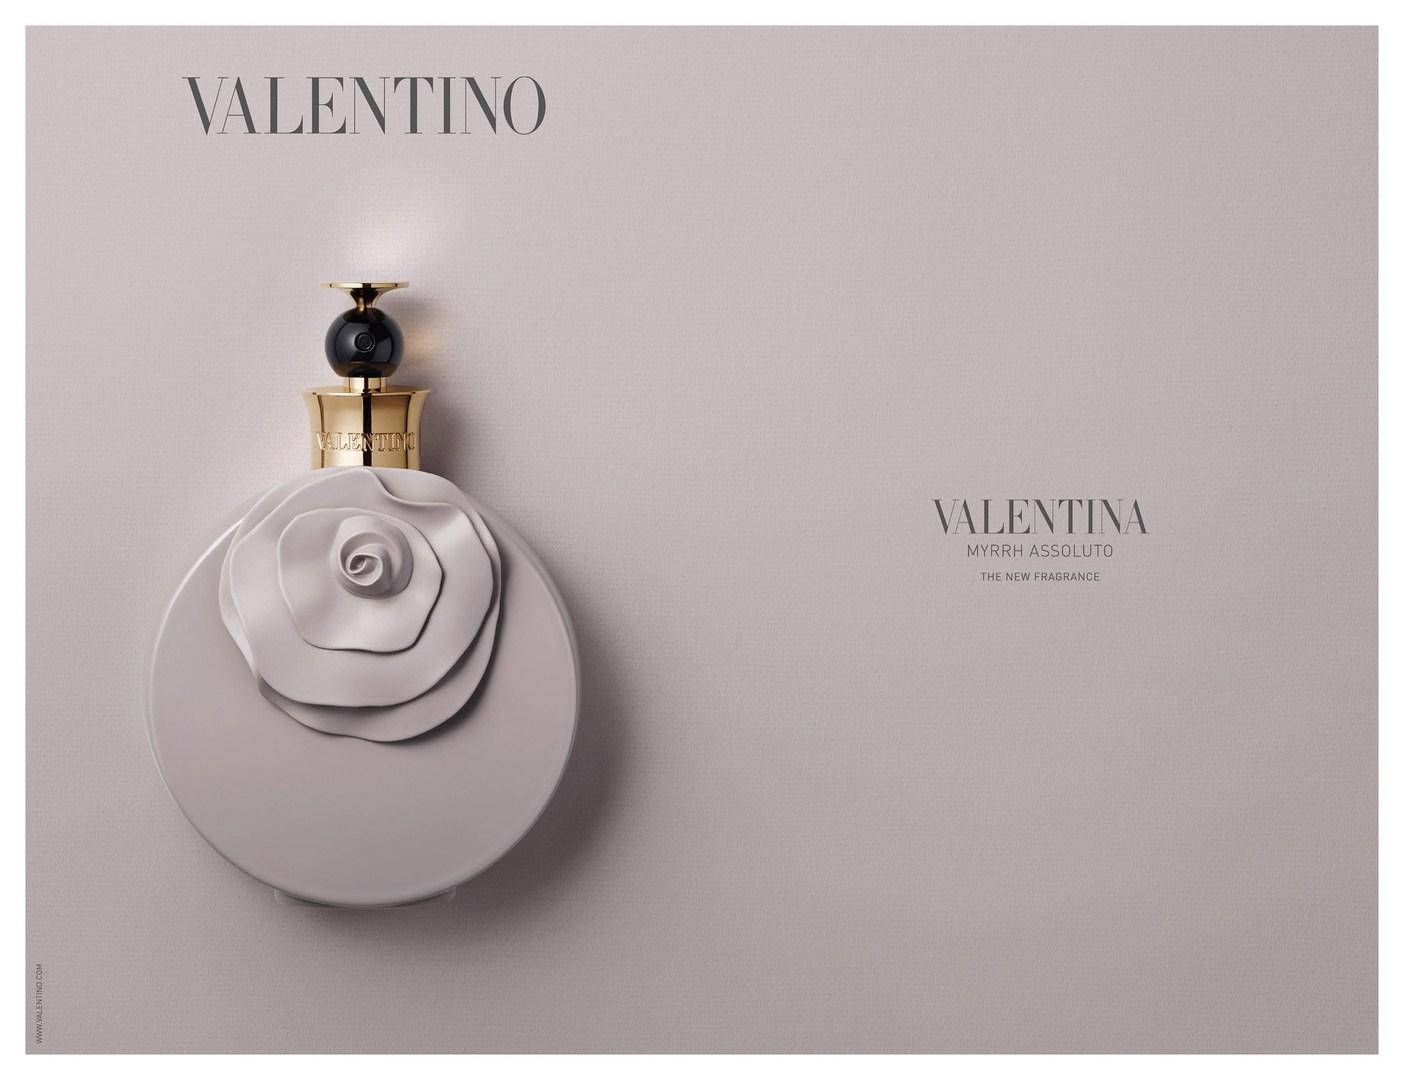 Valentino Assoluto Parfum Assoluto Parfum Valentino Parfum Assoluto Valentino Parfum Parfum Valentino Assoluto cA4R3jq5L